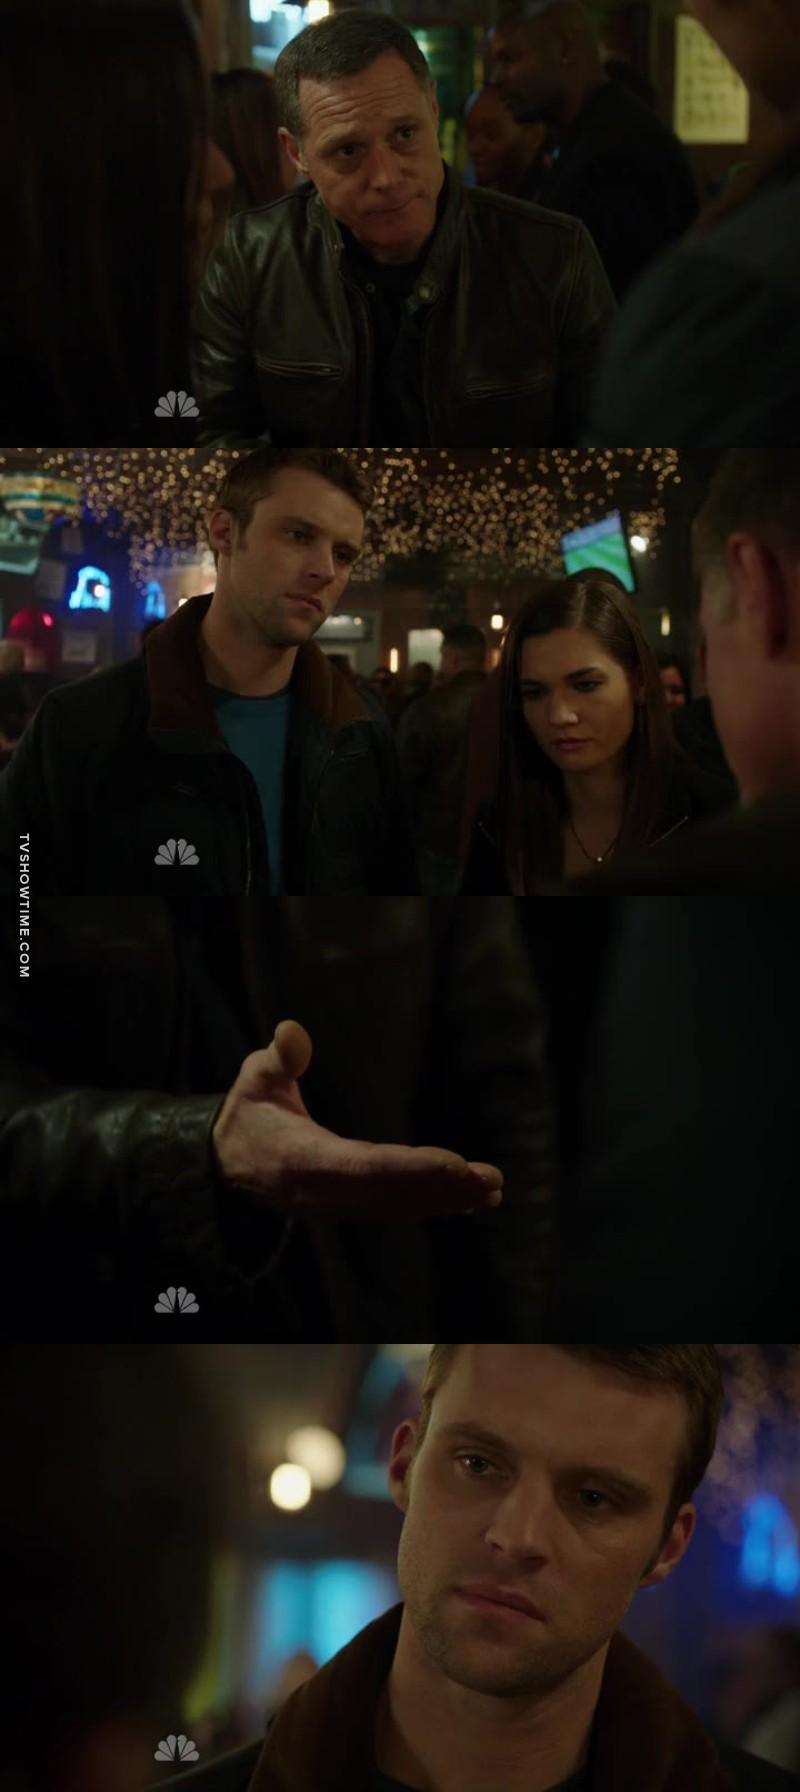 Non mais quel épisode  Le retour de Voight!!!!!!!! J'ai bien aimé la fin de l'épisode quand Voight veut serré la main de Casey et qu'il voit.